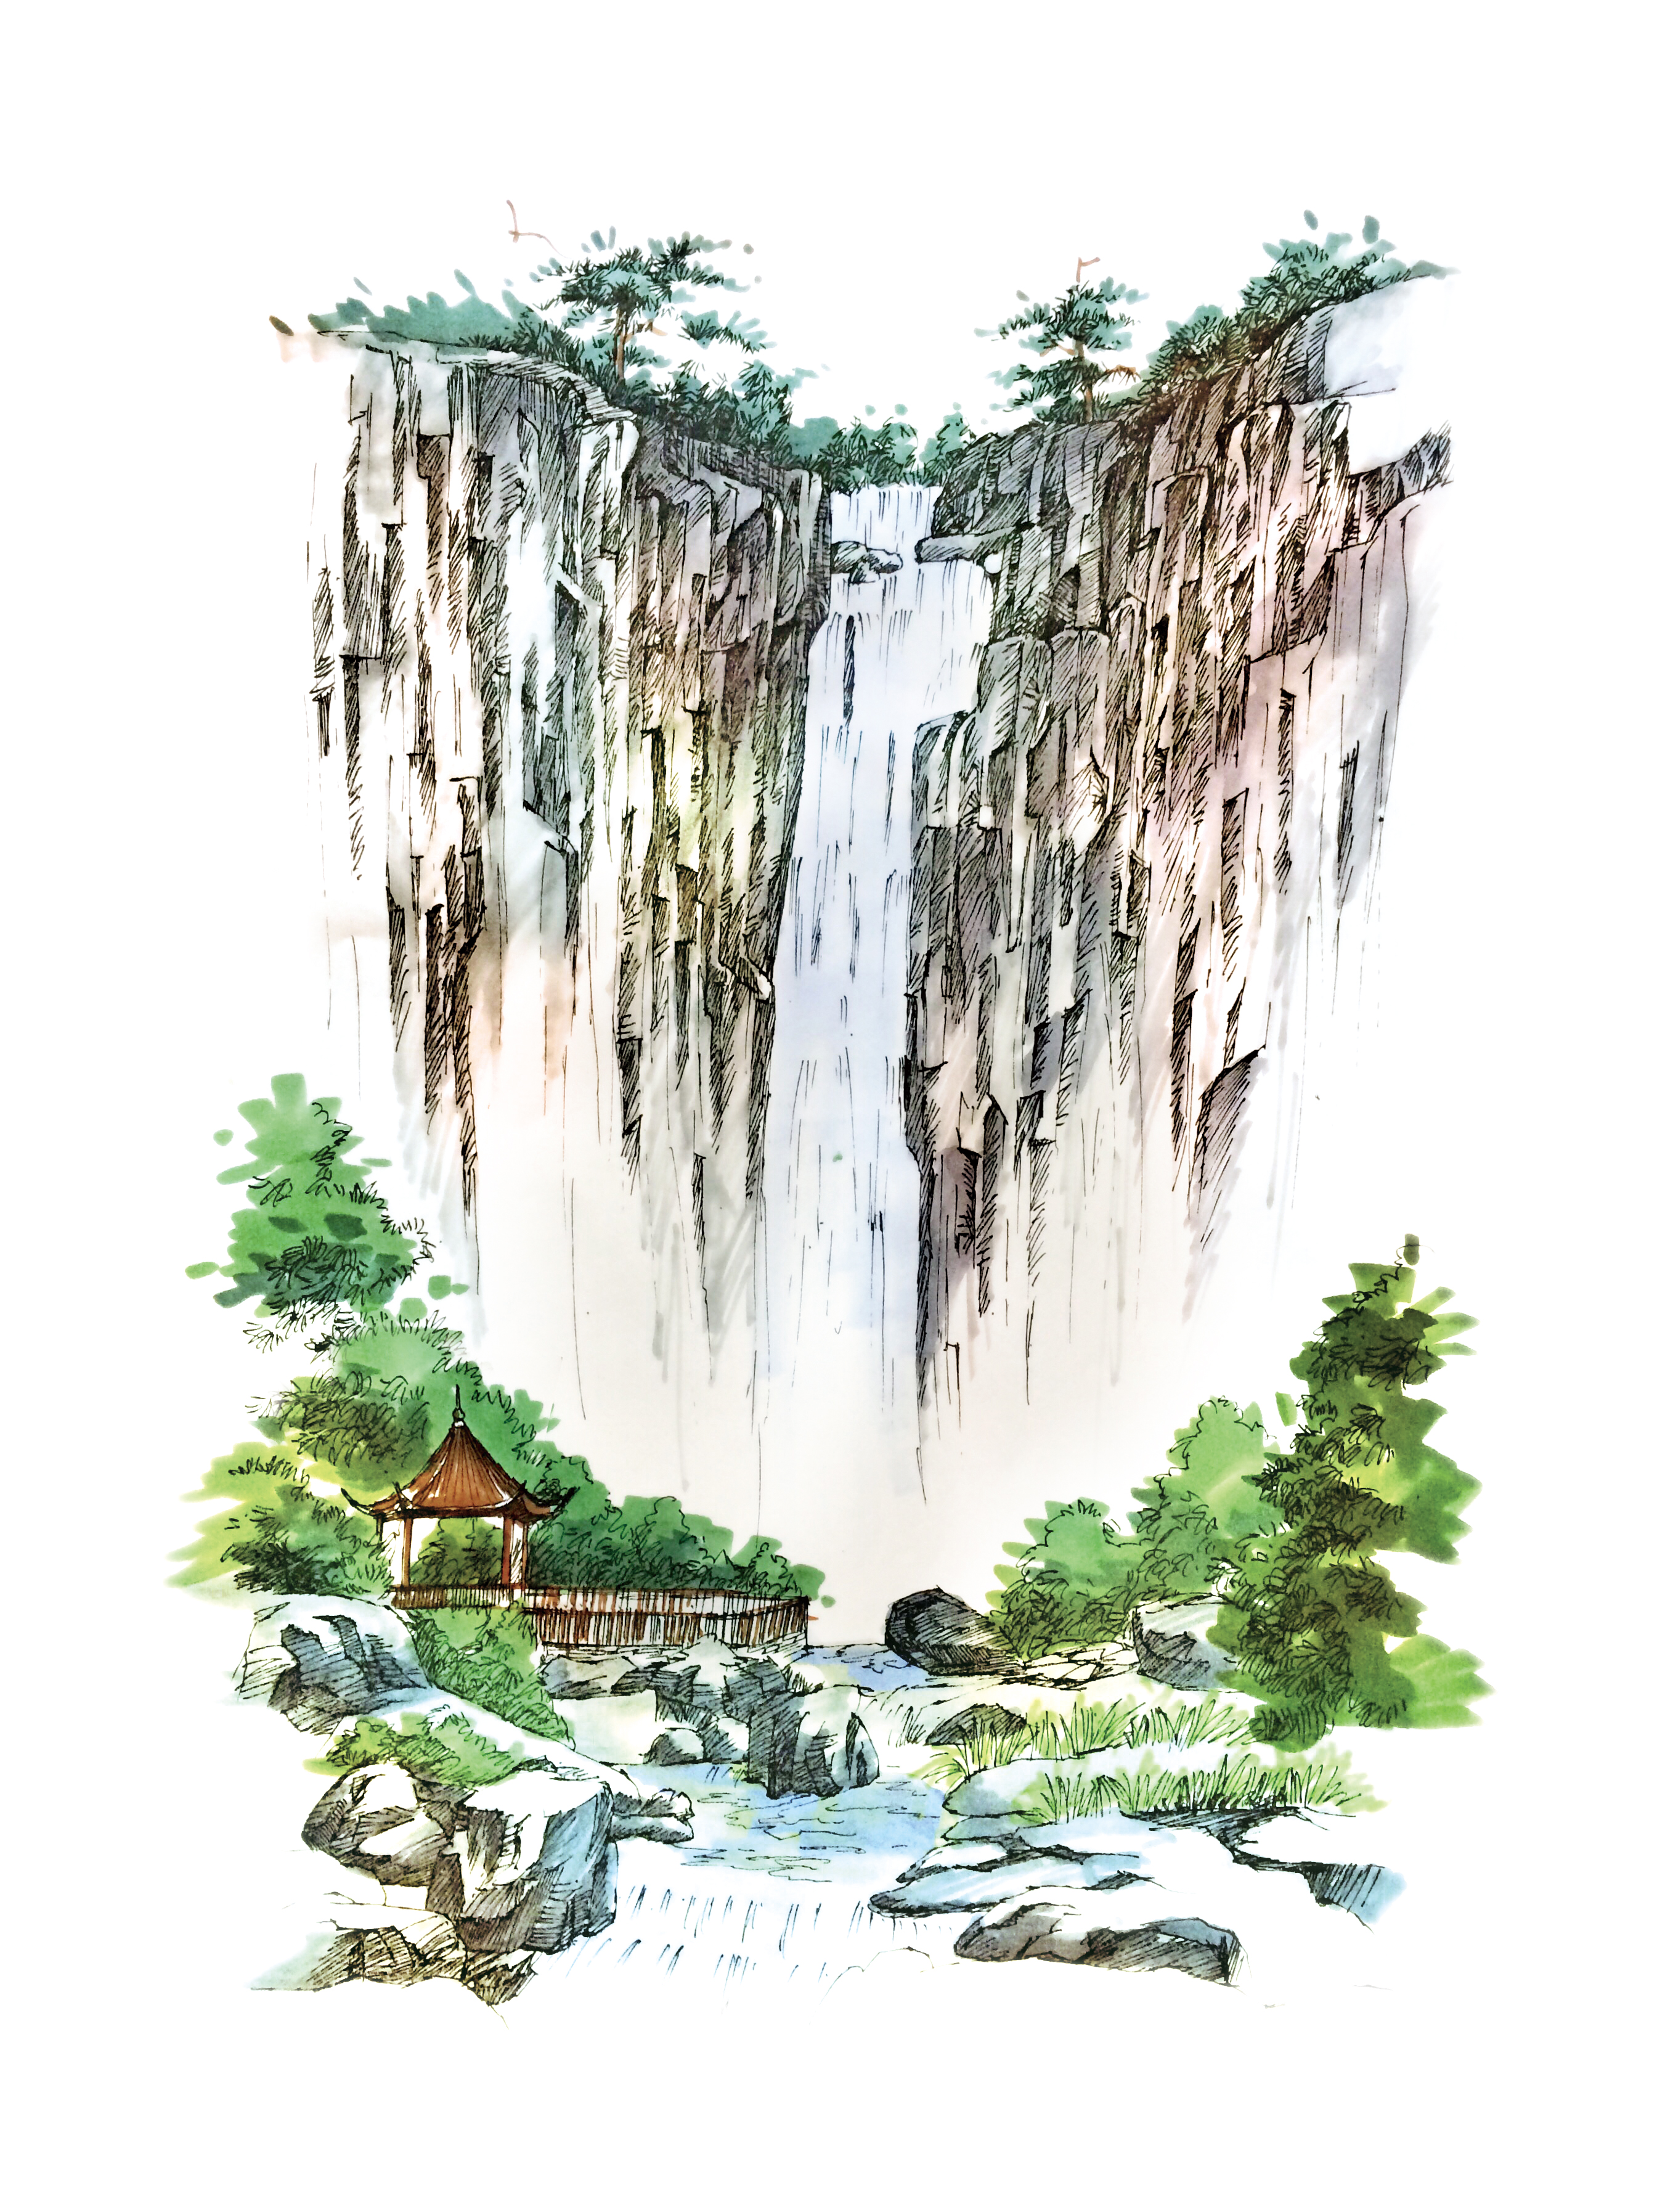 溪口风景插画